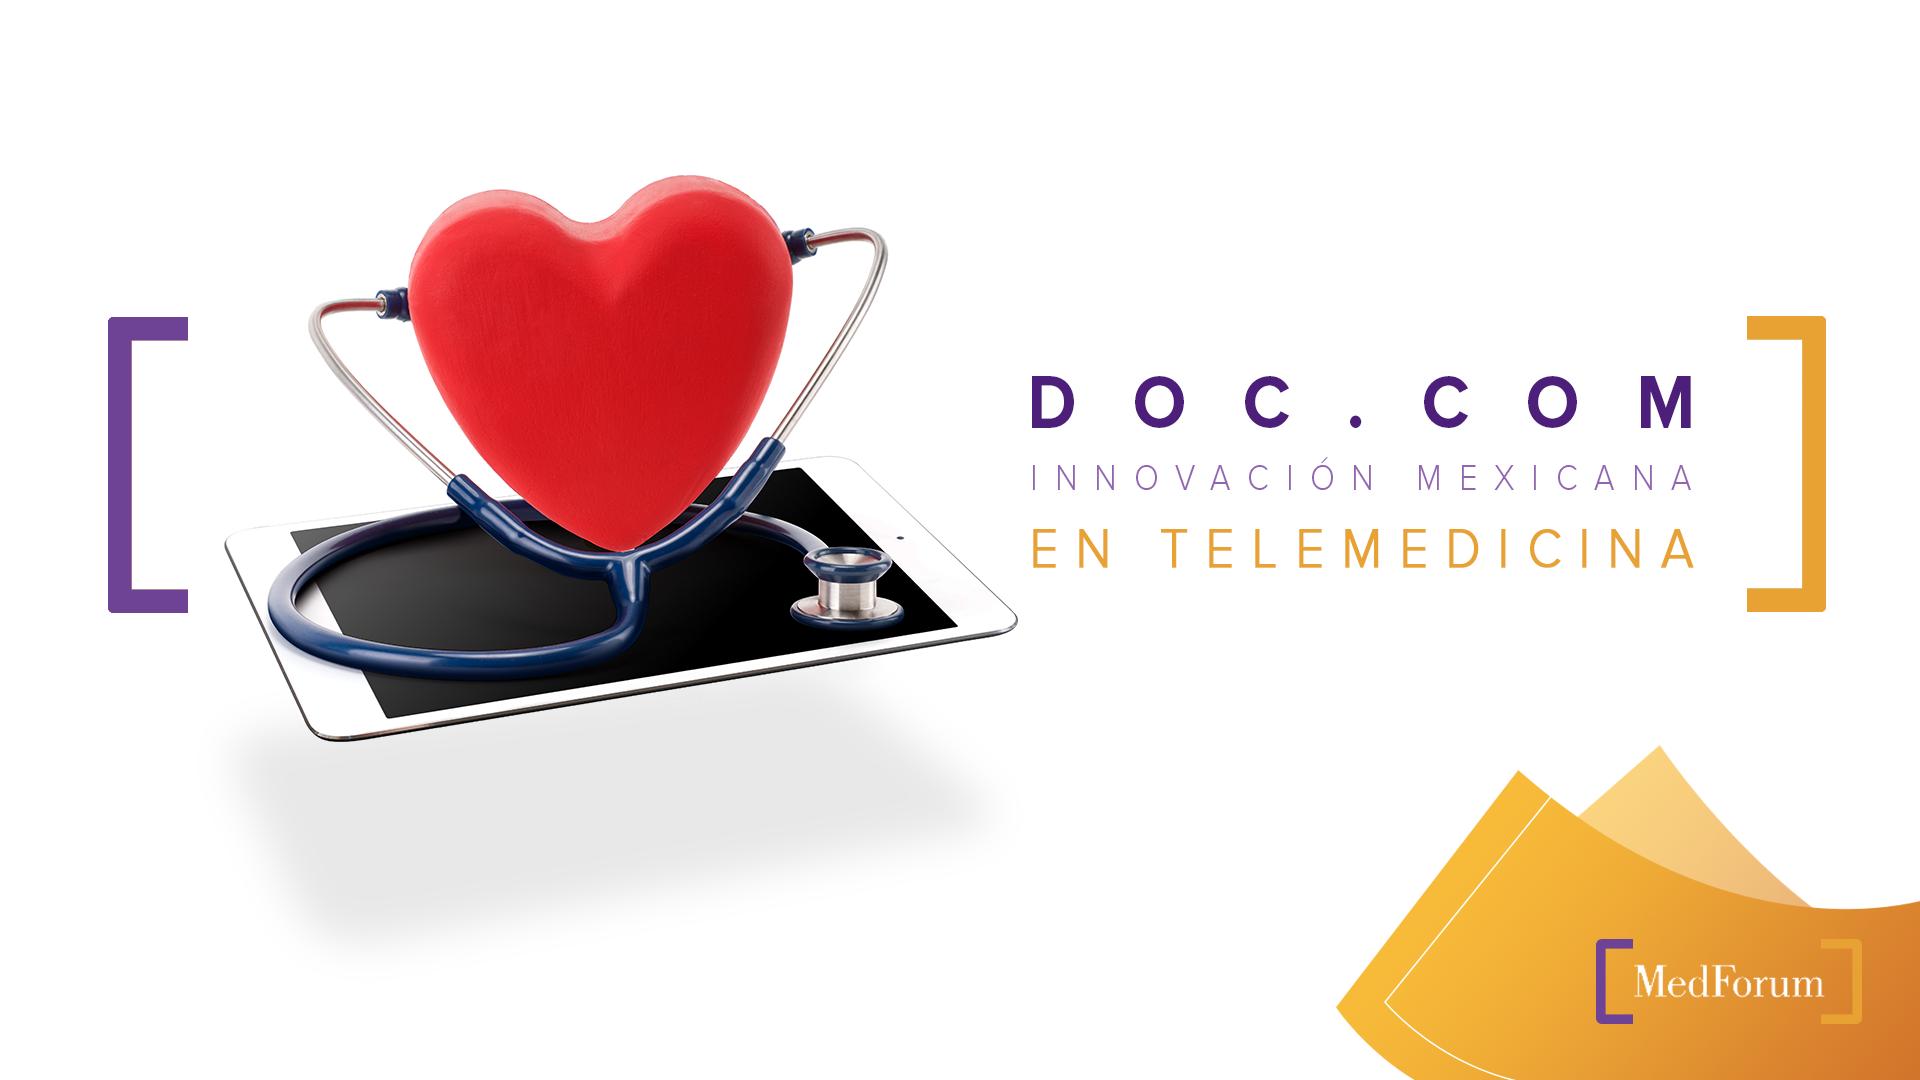 innovación mexicana en telemedicina